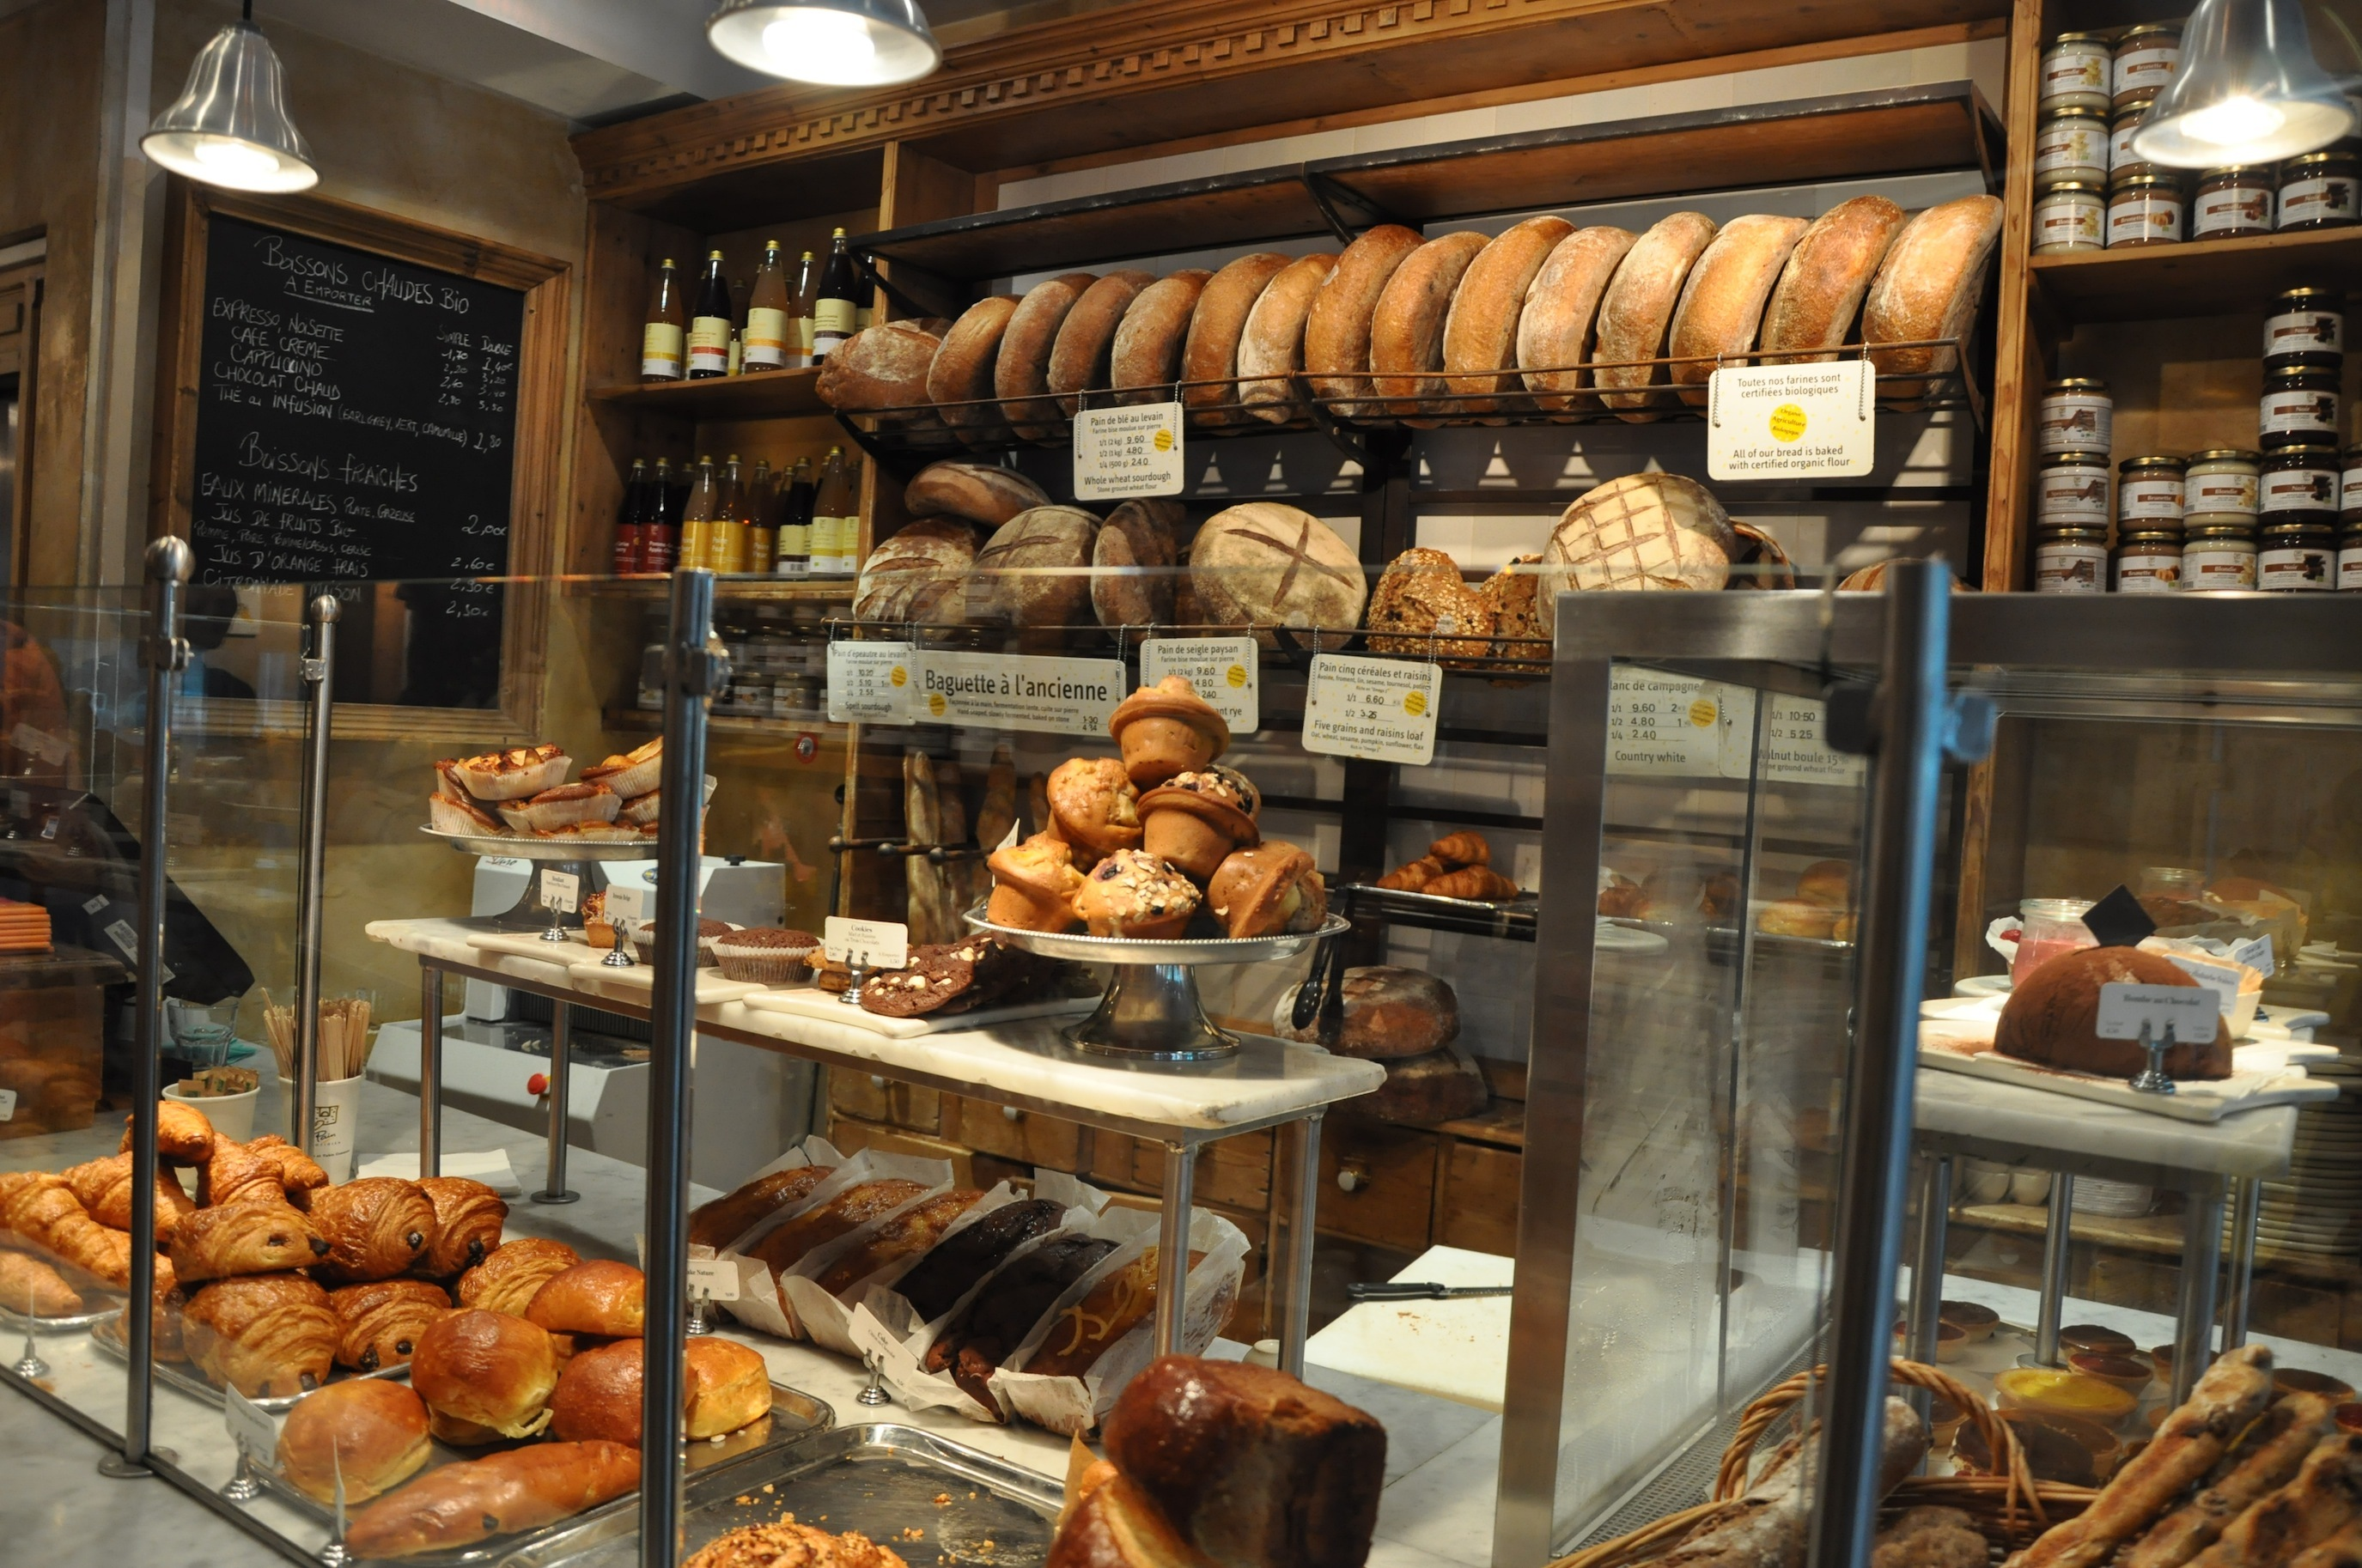 La pain quotidien